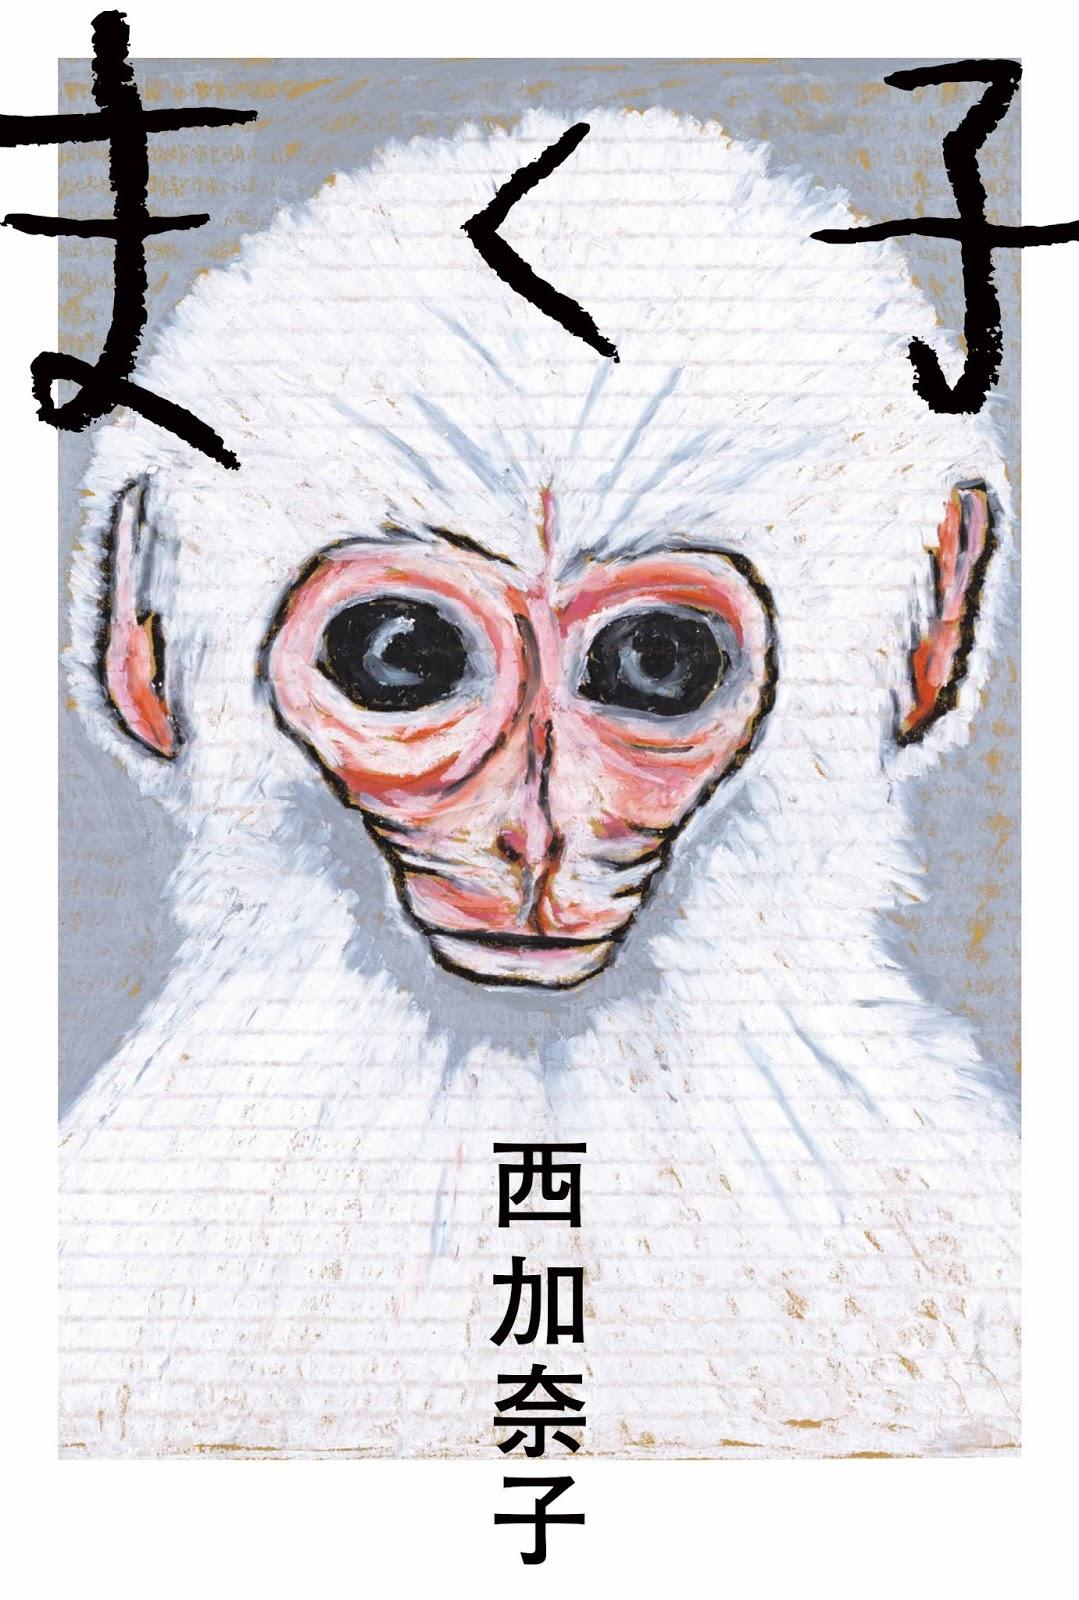 Makuko - Kanako Nishi